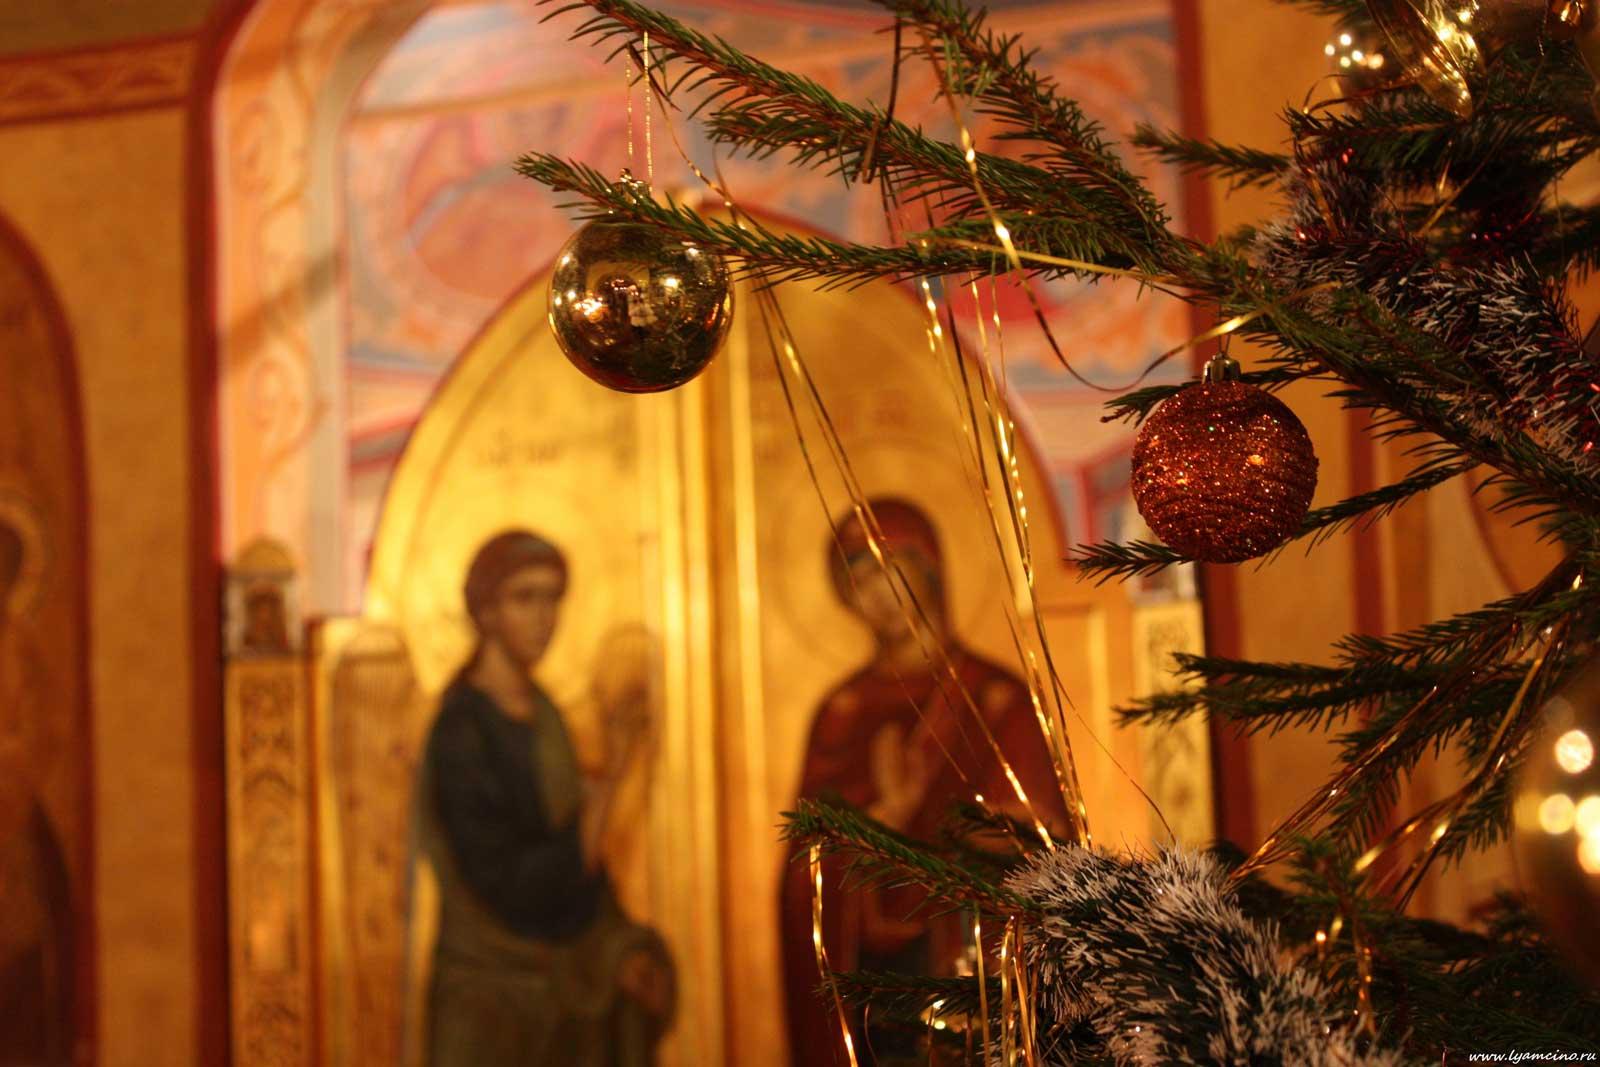 Новый год праздник церковный или светский